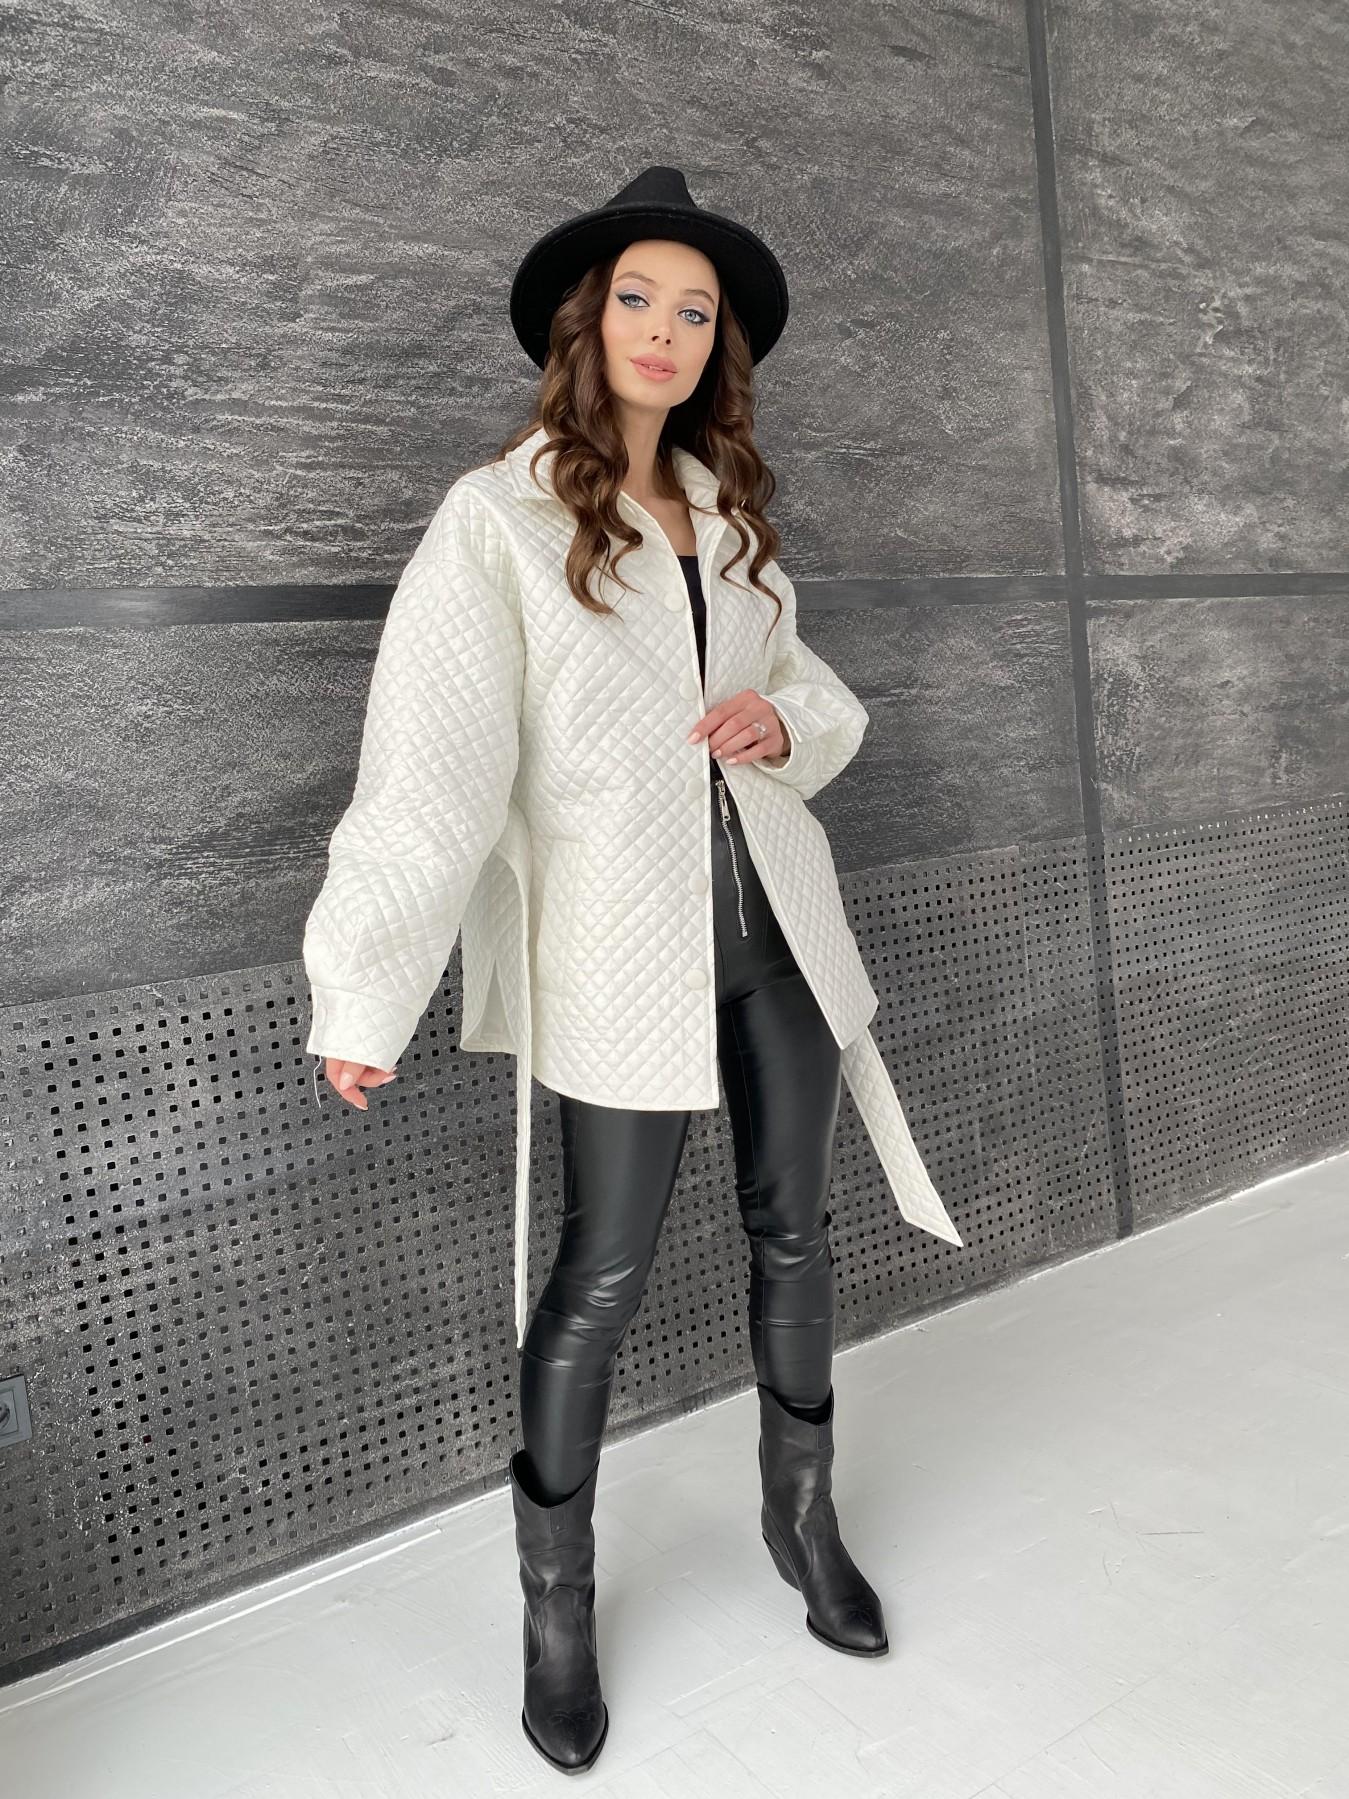 Моно куртка стеганая из  плащевой ткани 11045 АРТ. 47530 Цвет: Молоко - фото 9, интернет магазин tm-modus.ru